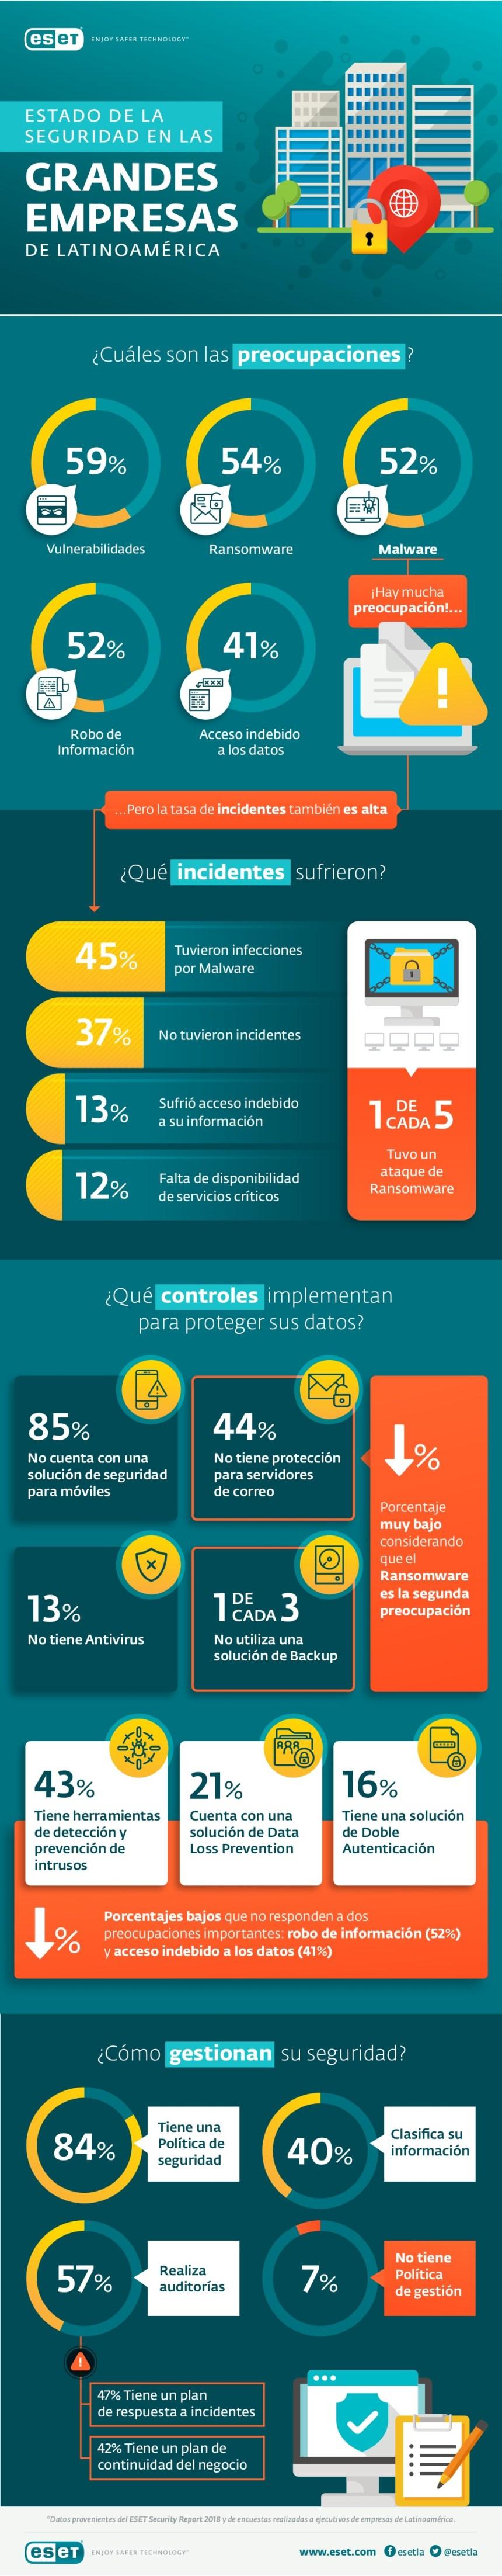 Estado de la CiberSeguridad en la grandes empresas de Latinoamérica